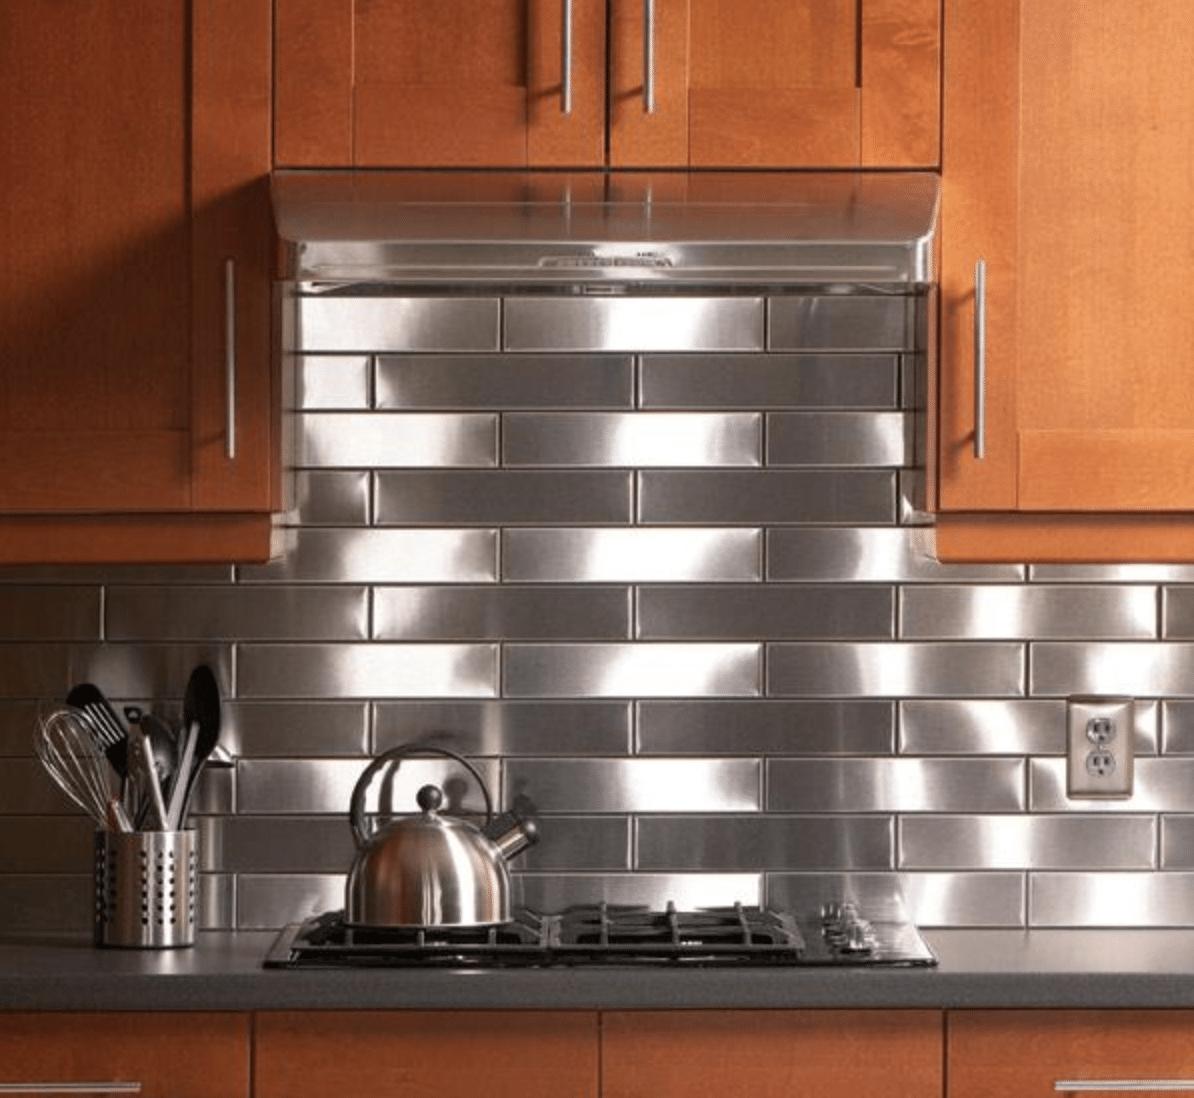 Stainless-Steal-Kitchen-Backsplash